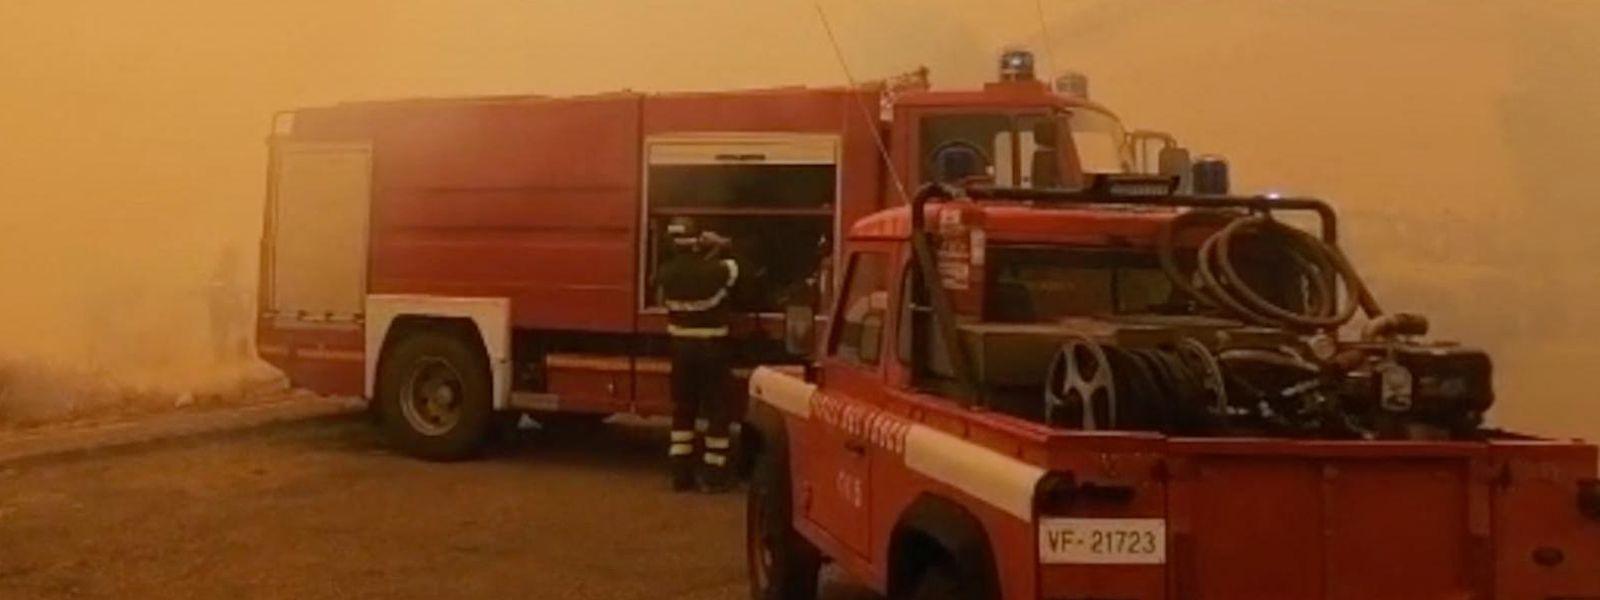 Plus de 10.000 hectares de végétation sont déjà partis en fumée dans la région d'Oristano, ravagée par un incendie.